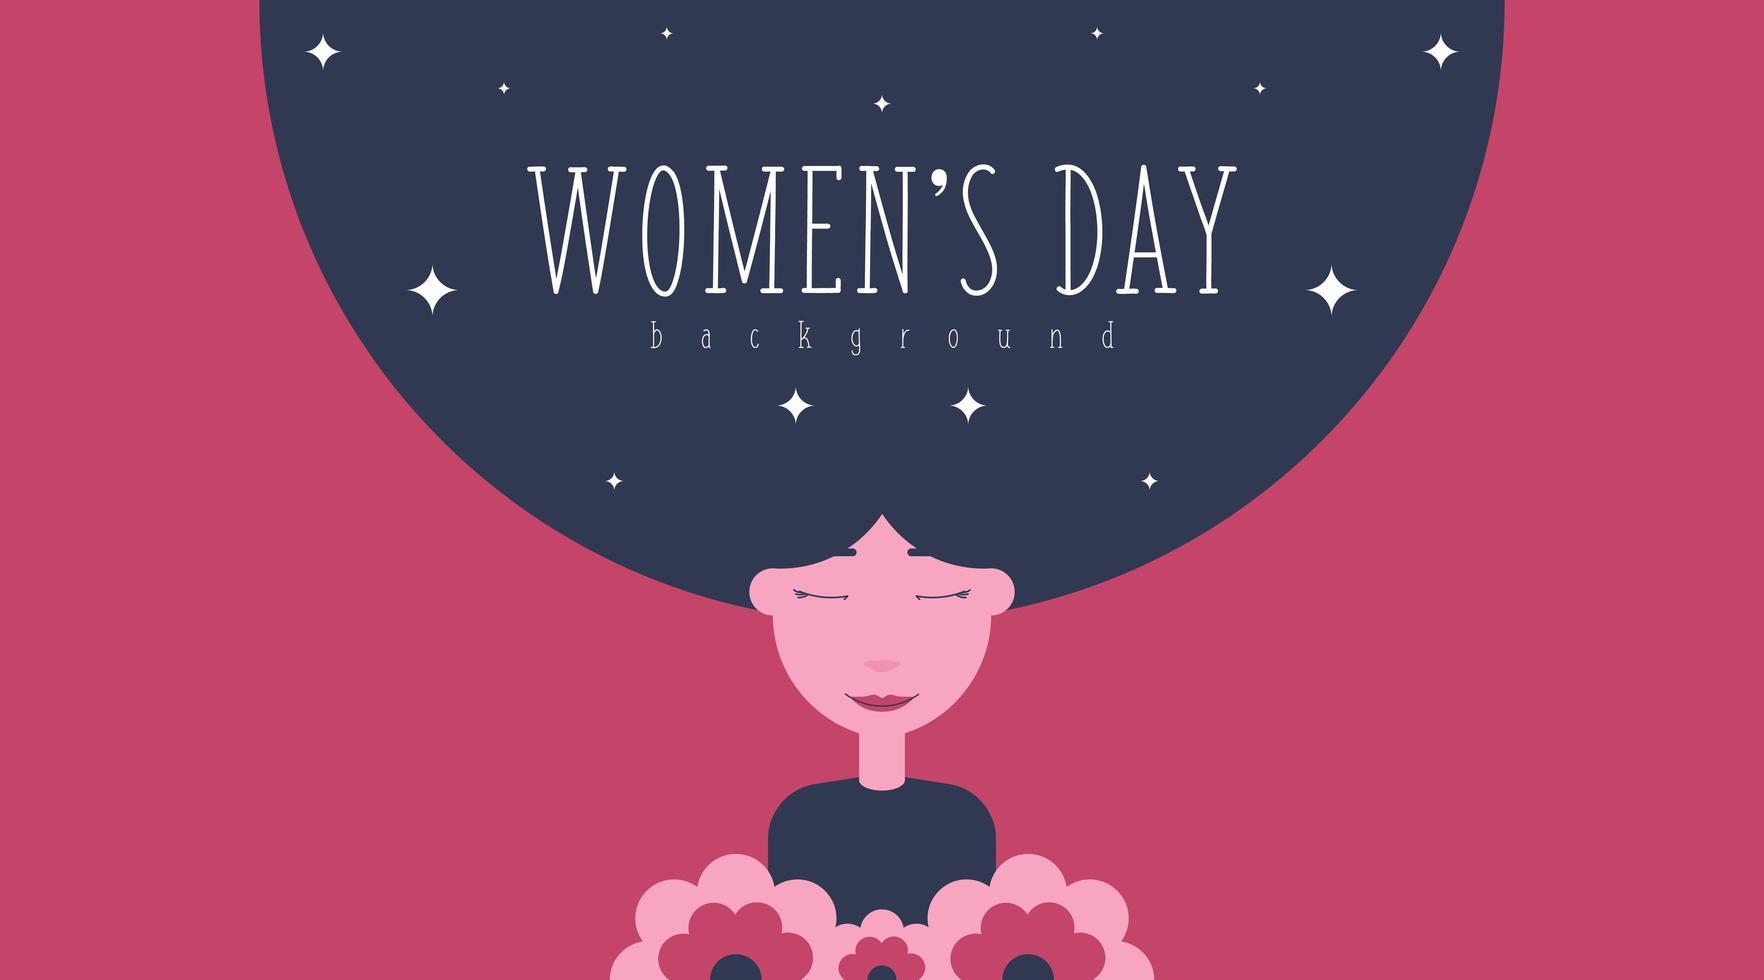 8 mars kvinnors dag bakgrundsillustration vektor